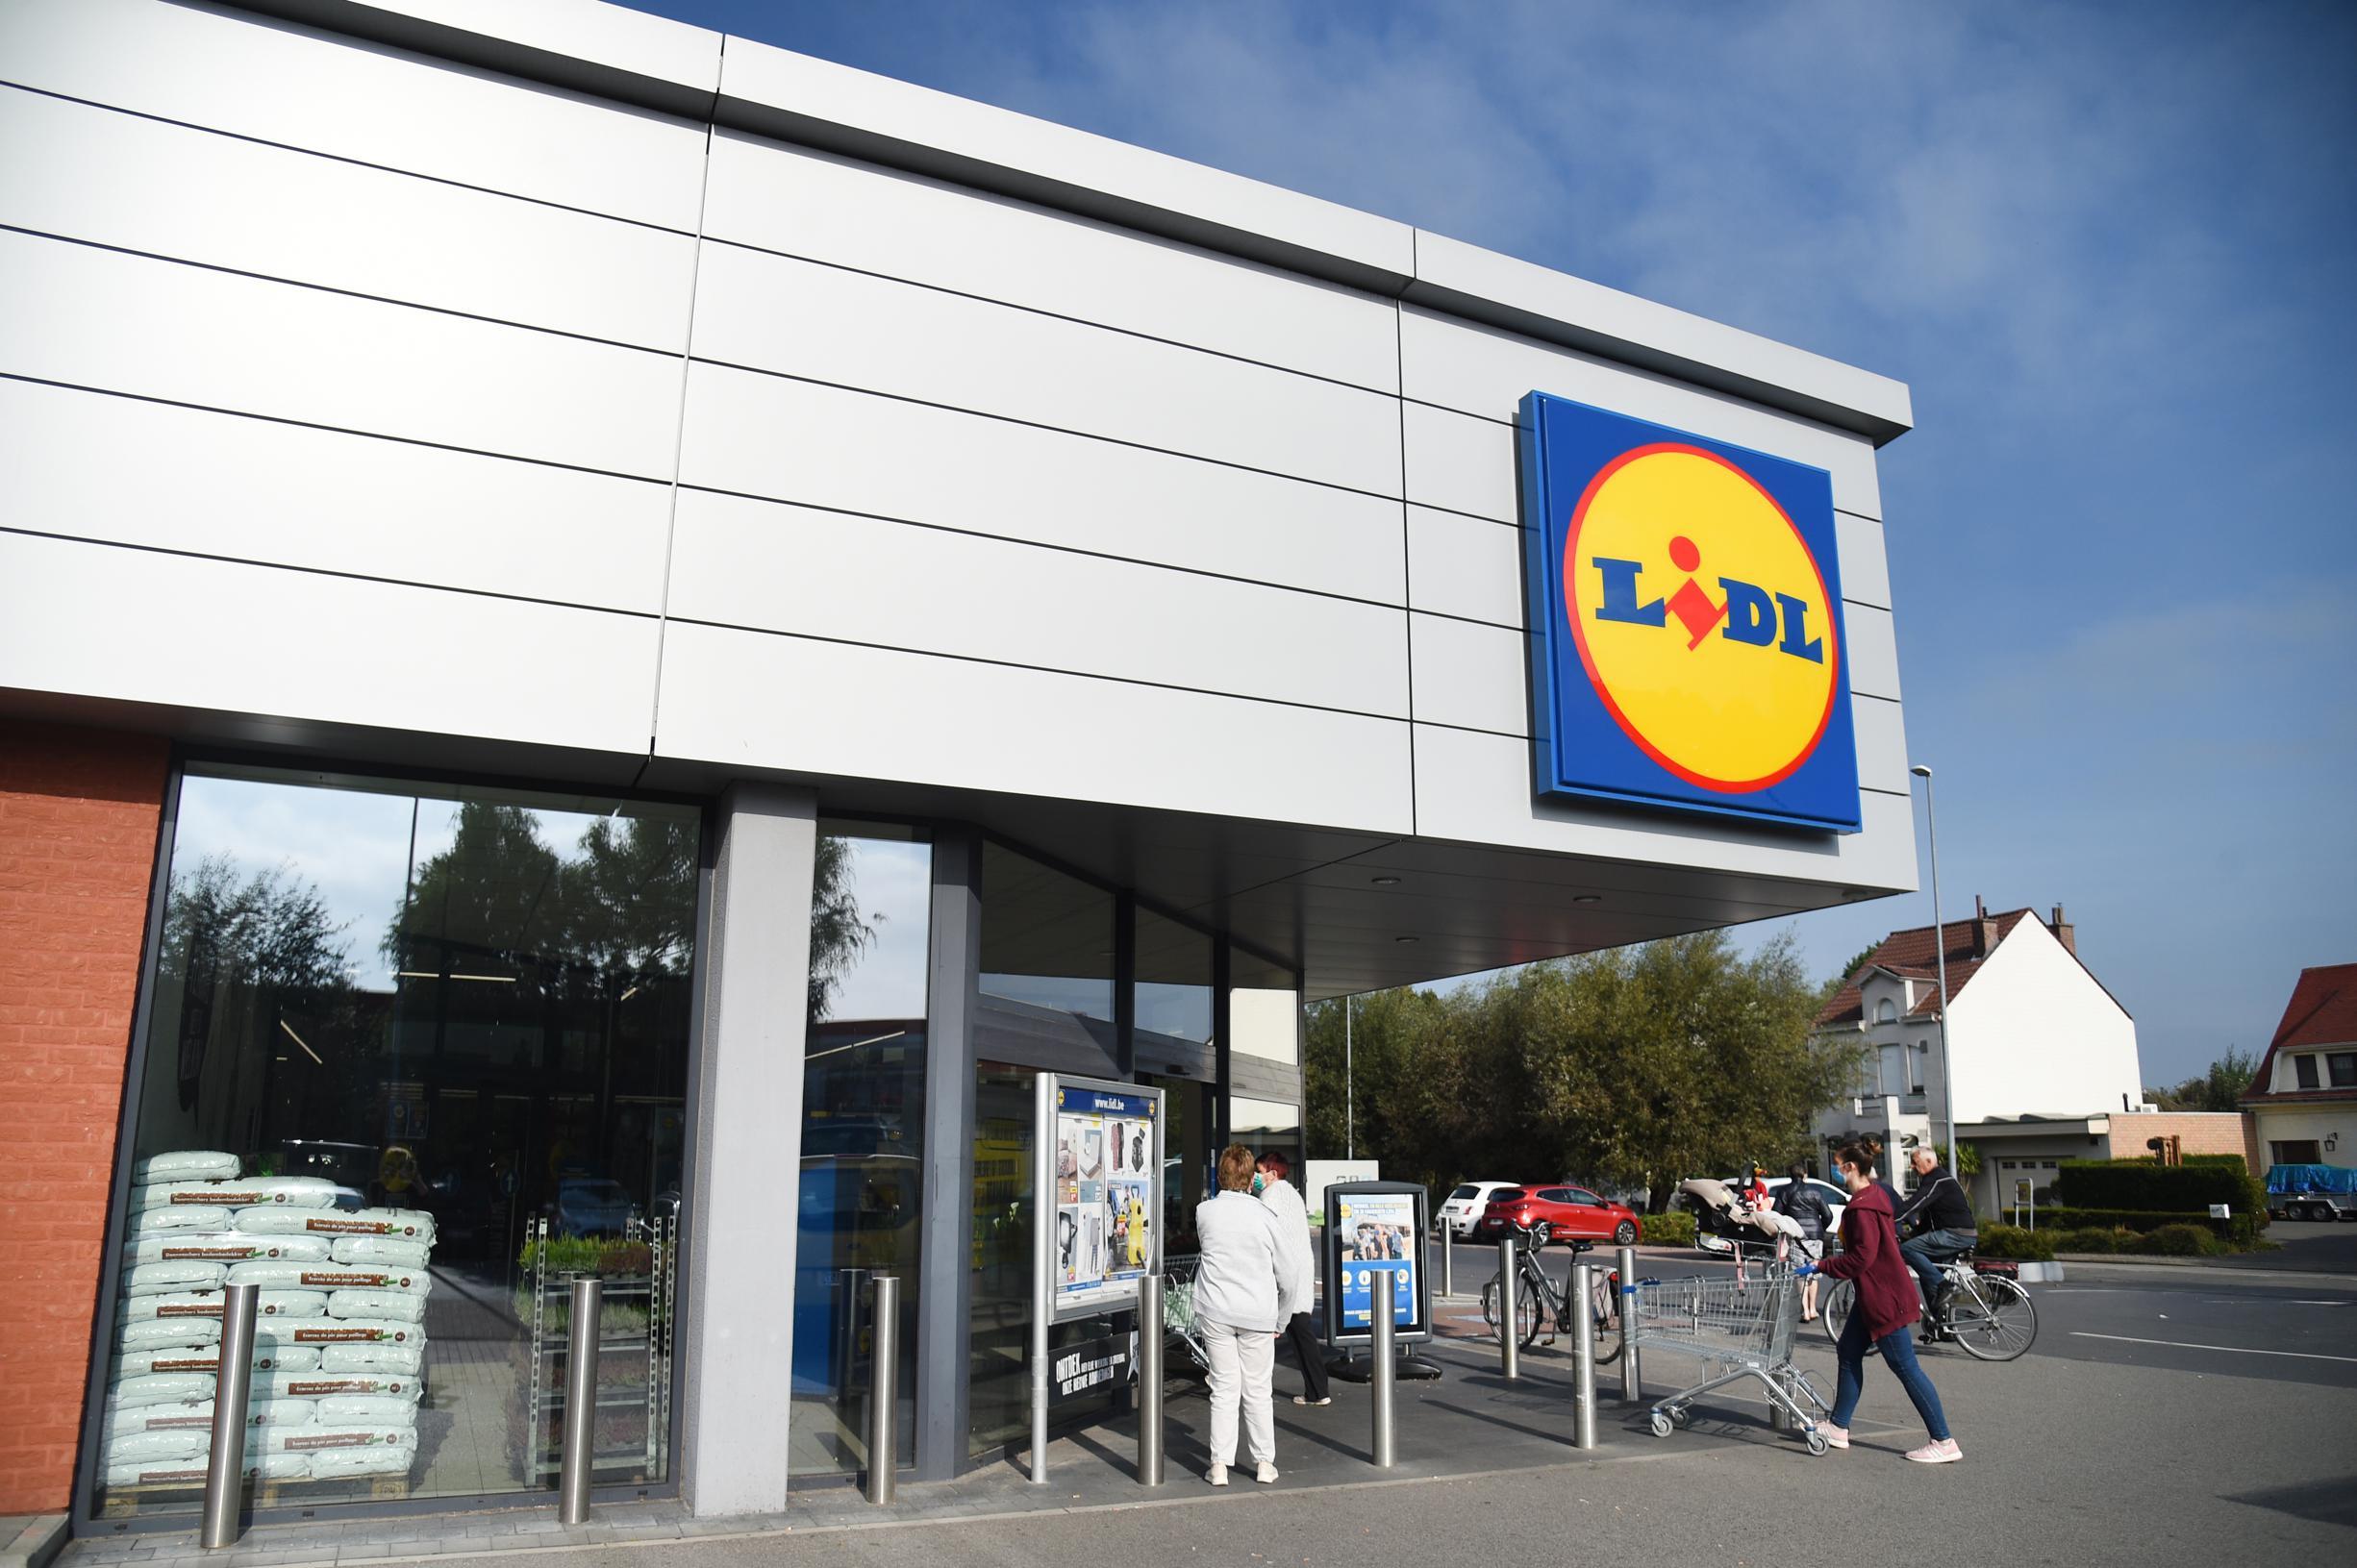 Winkels van Lidl na dagenlange staking weer open